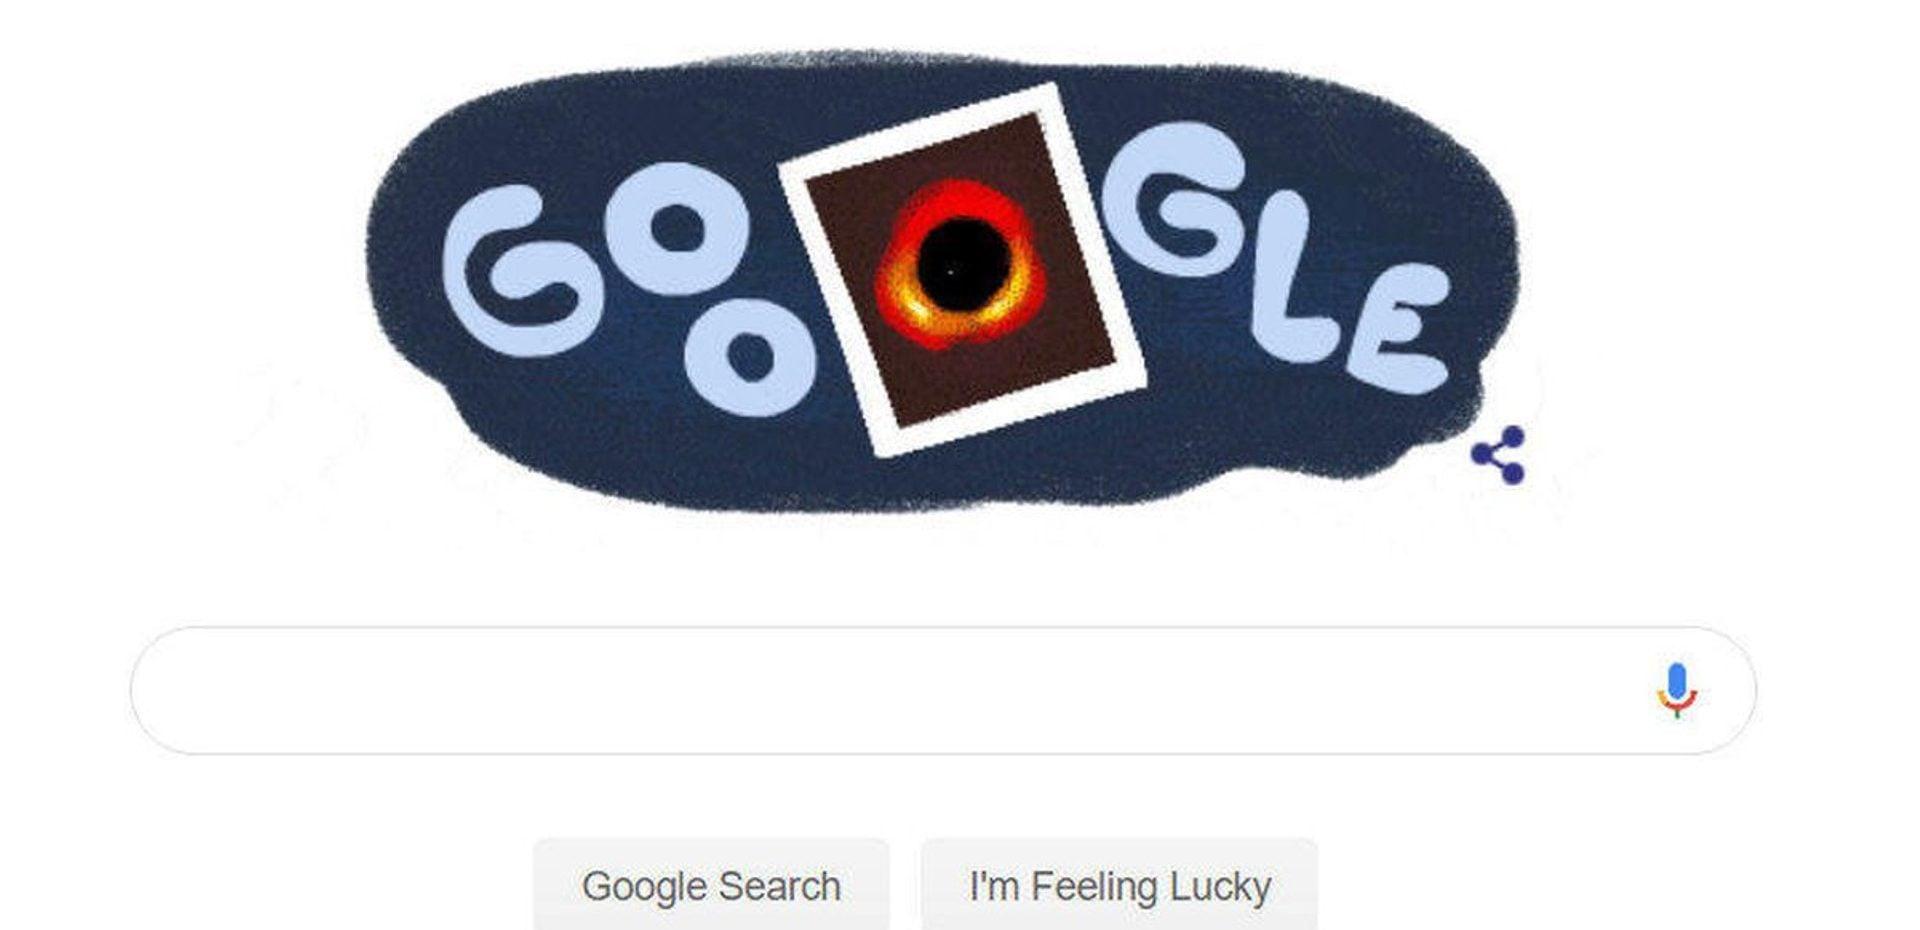 دودل گوگل - سیاهچاله